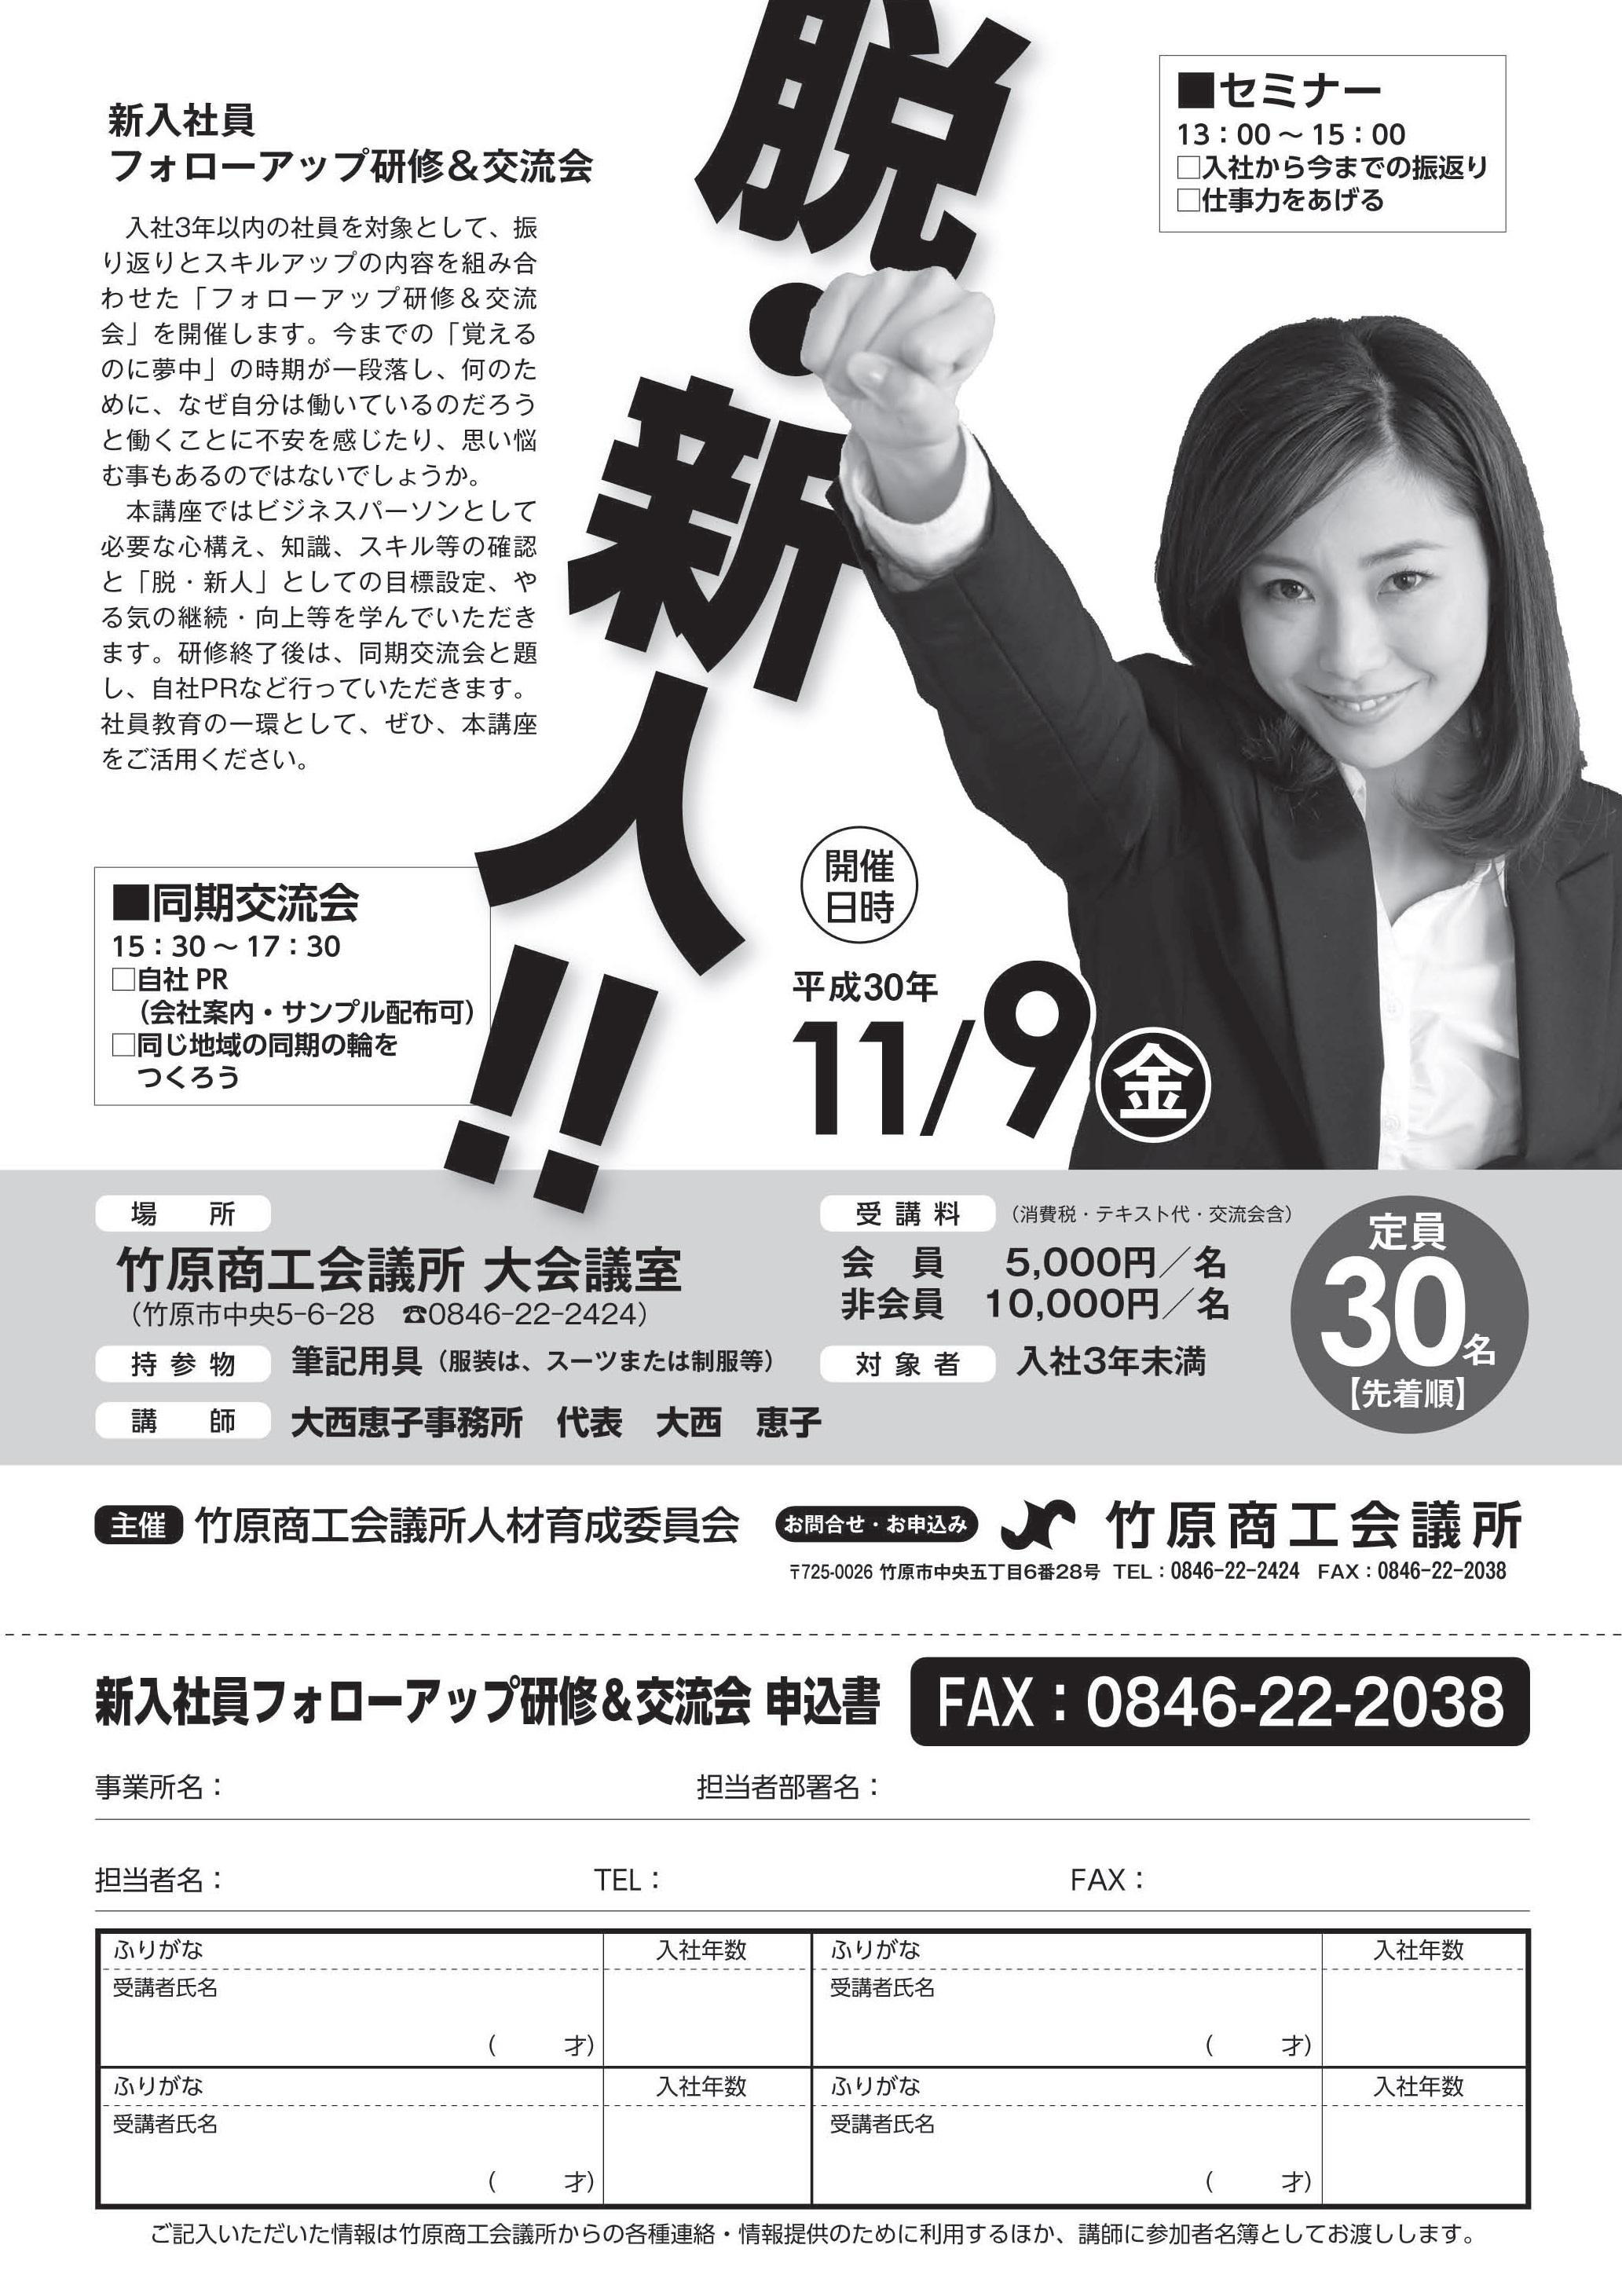 「脱・新人」新入社員フォローアップ研修&交流会参加者募集中!!のイメージ